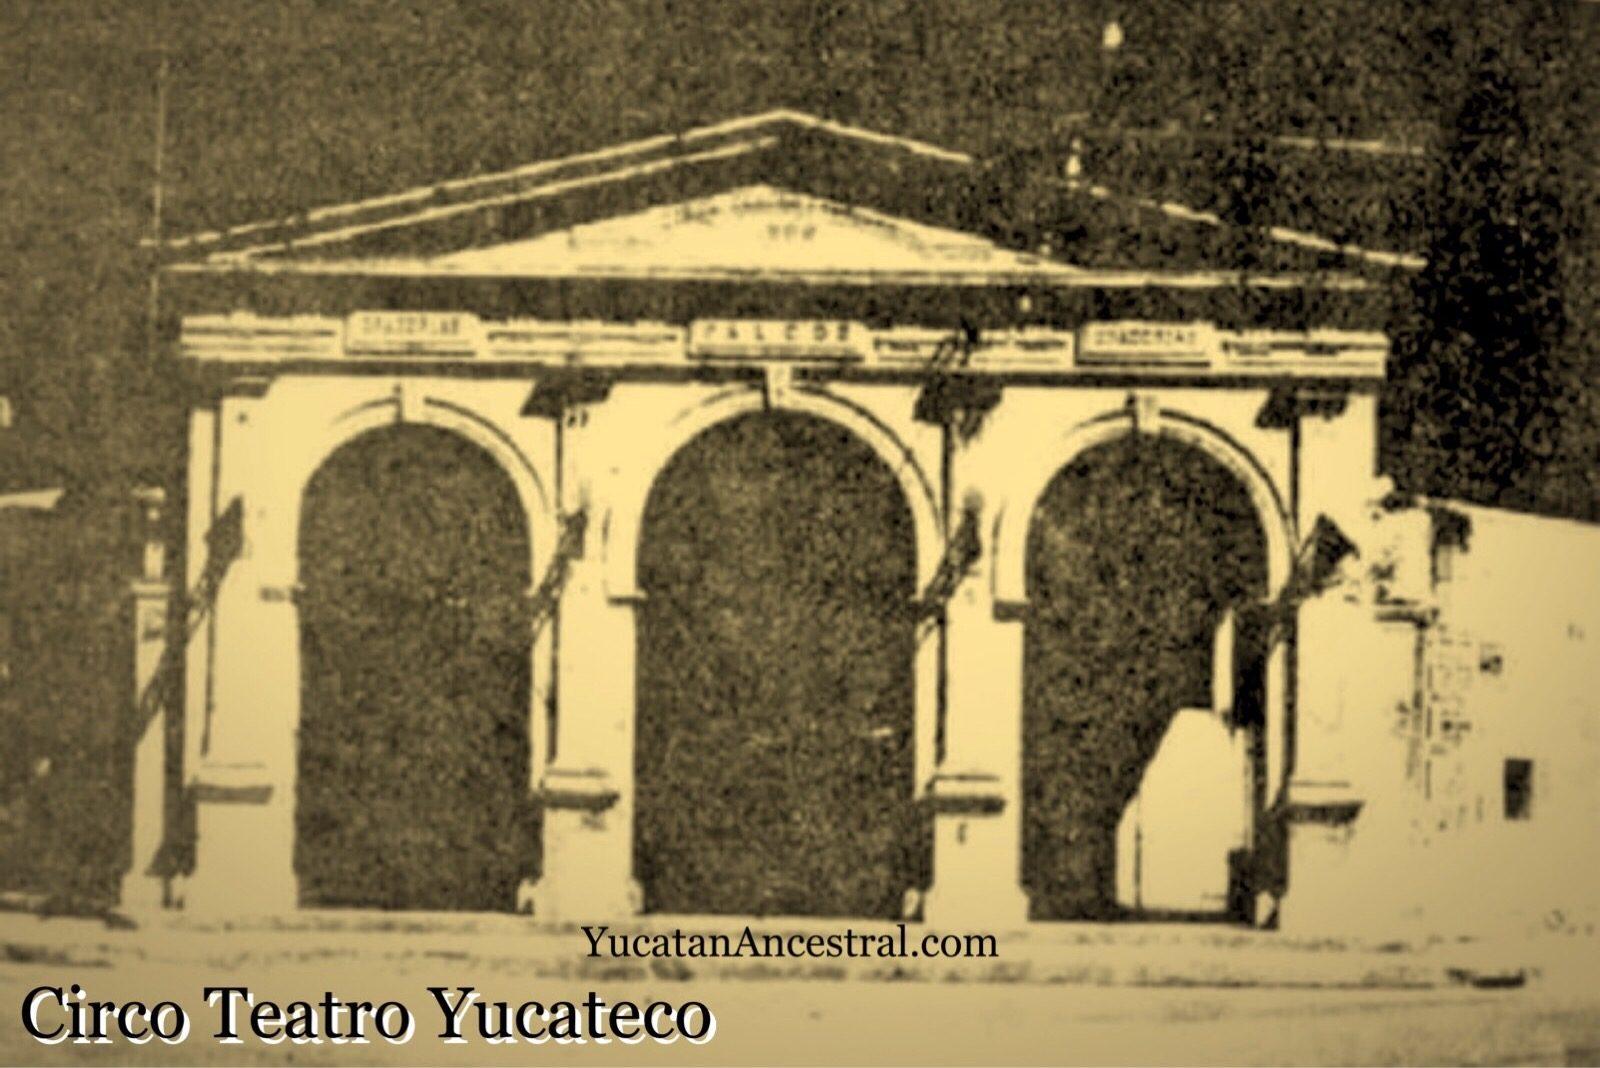 La Compañía del Circo Teatro Yucateco en Mérida